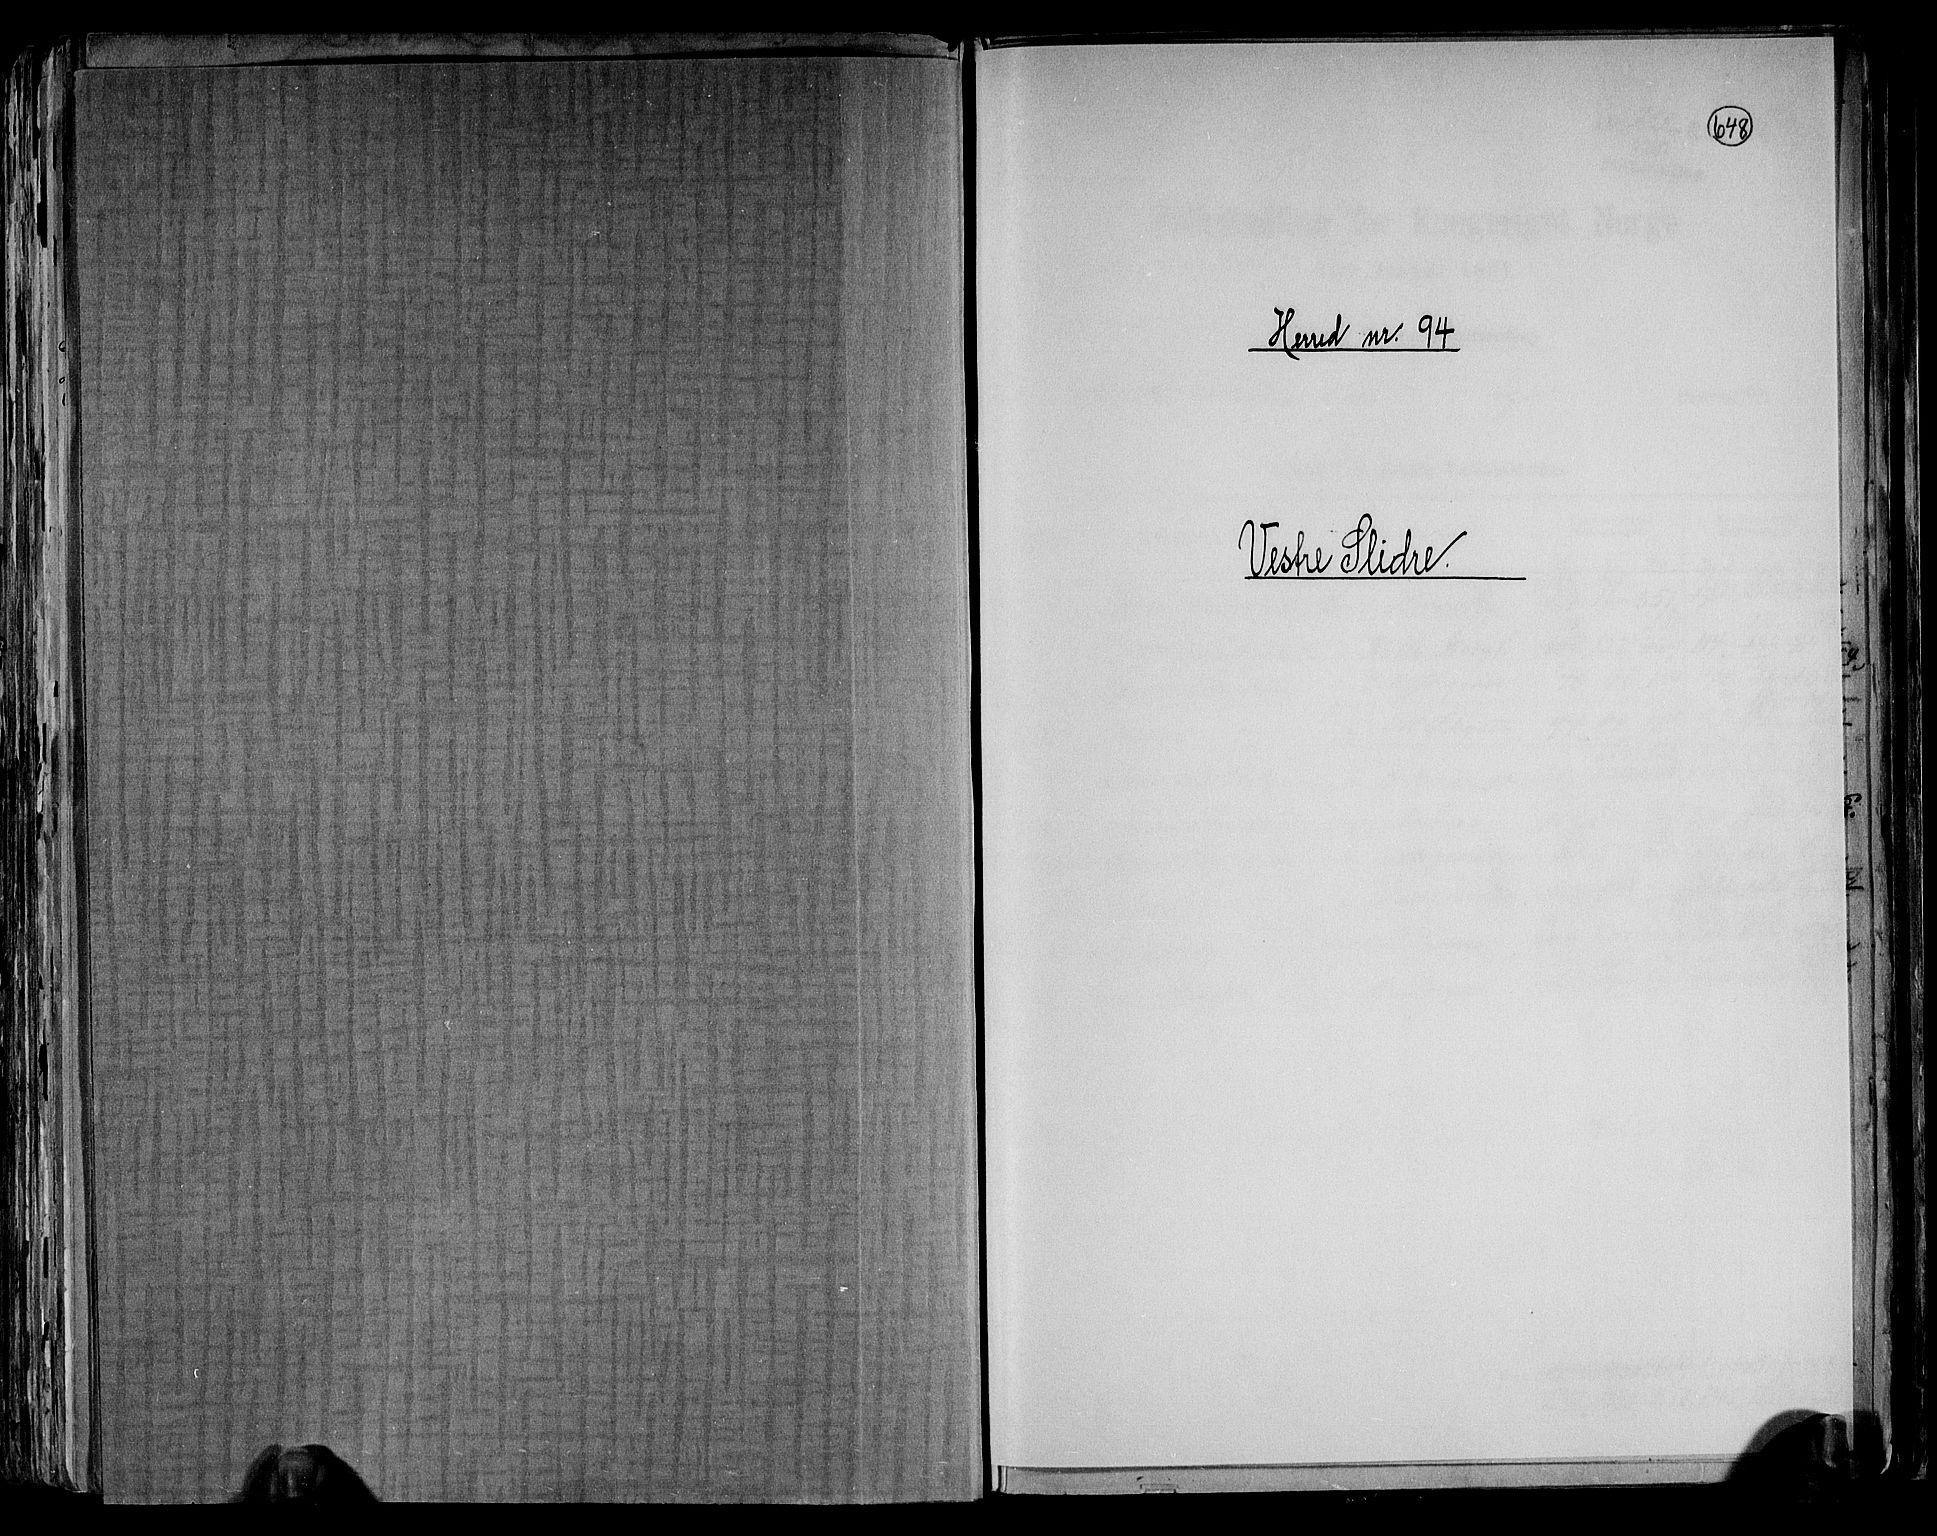 RA, Folketelling 1891 for 0543 Vestre Slidre herred, 1891, s. 1